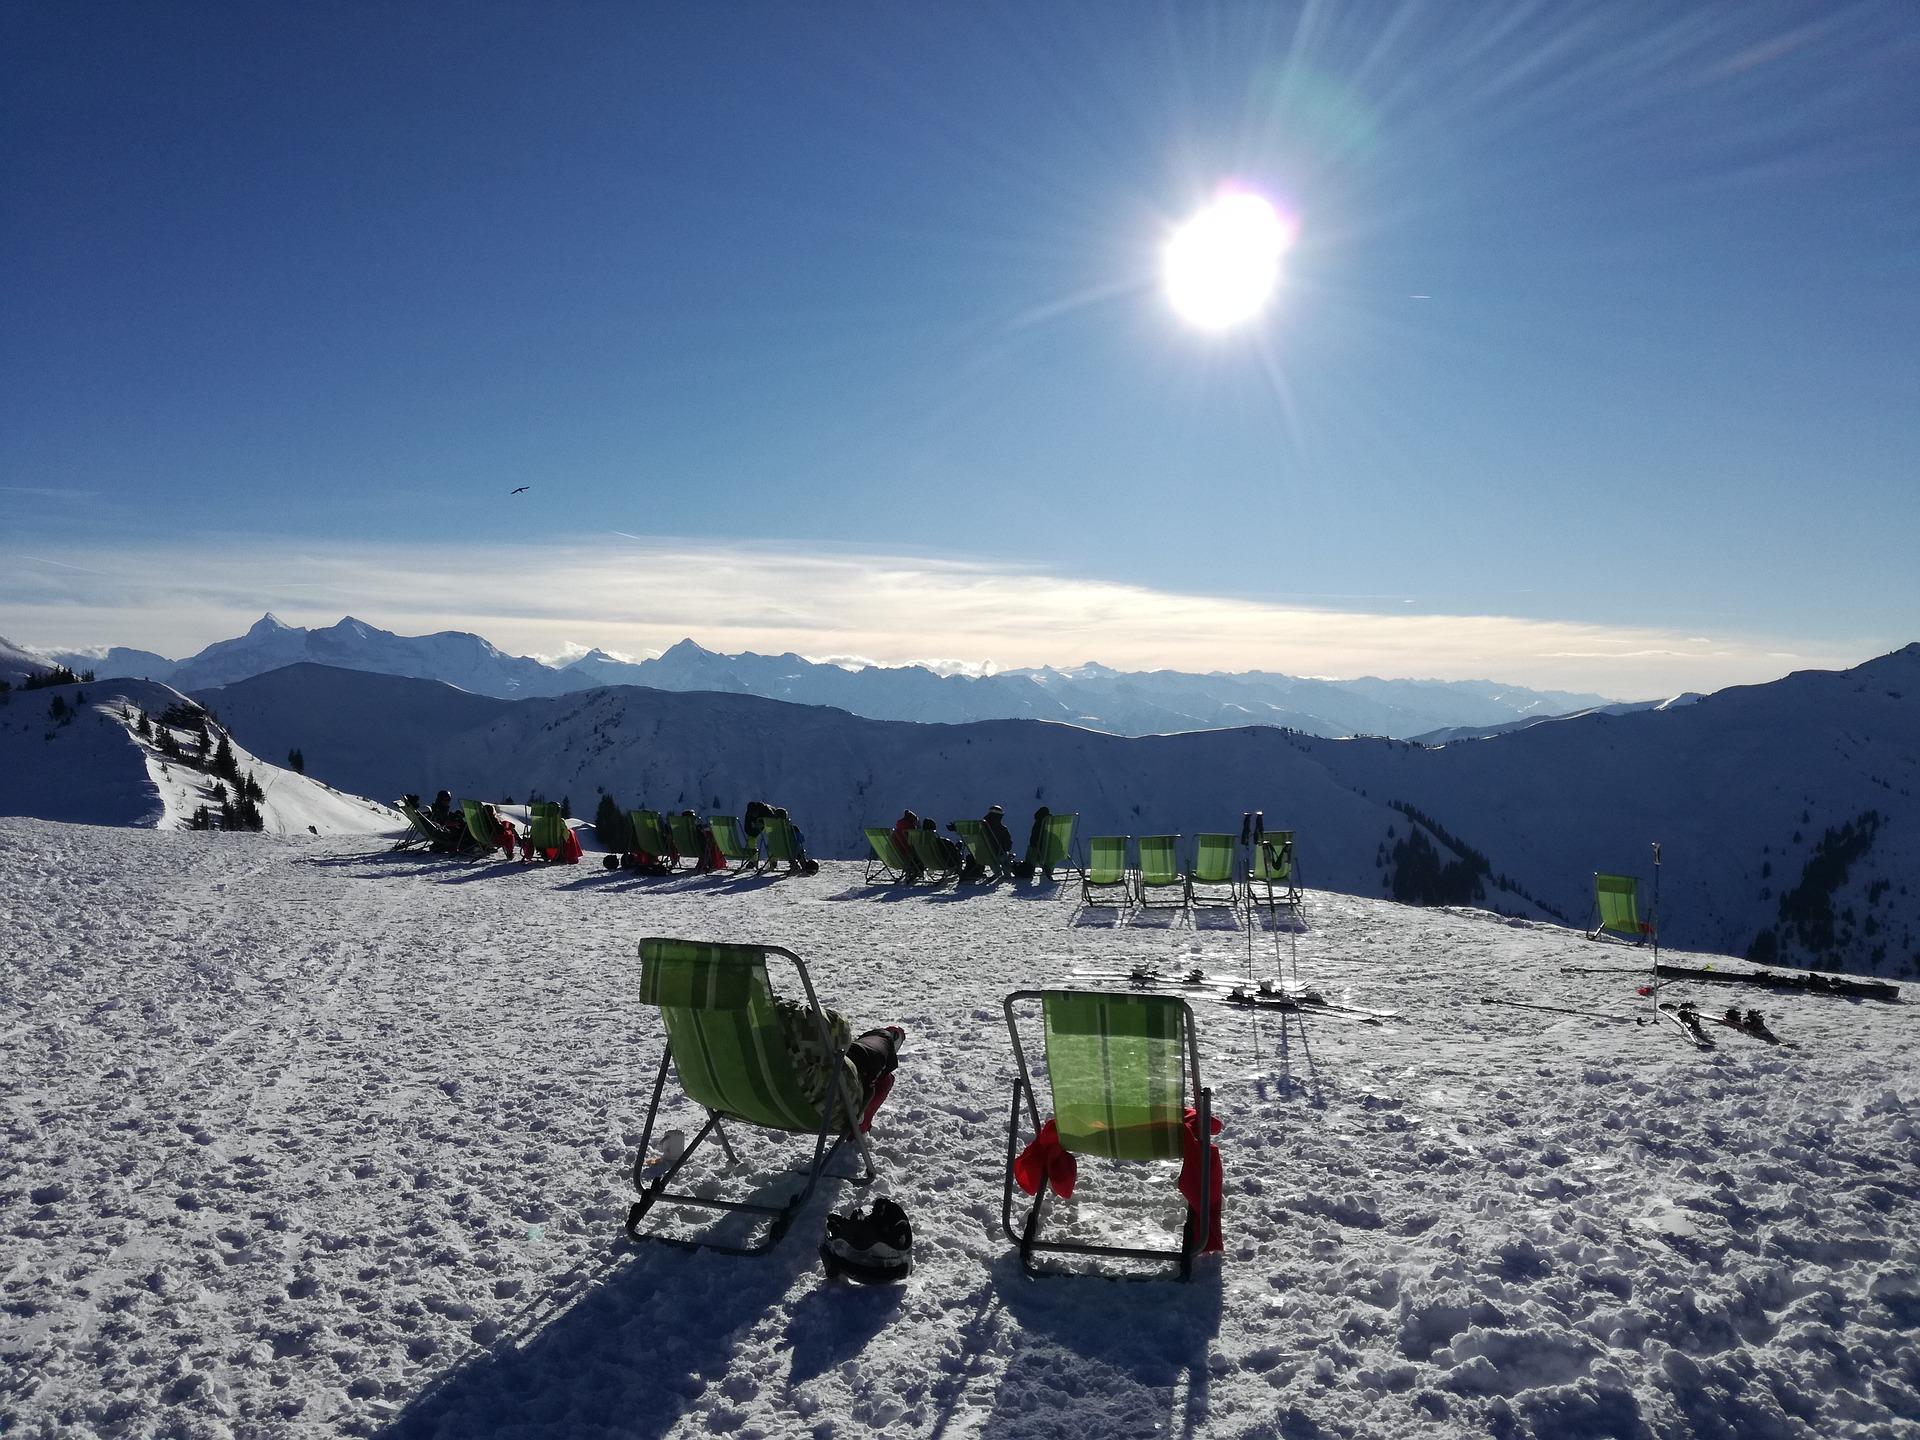 Sonnenbaden auf der Skihütte kann Wunder bewirken! - Photocredit: pixabay.com/sunyela